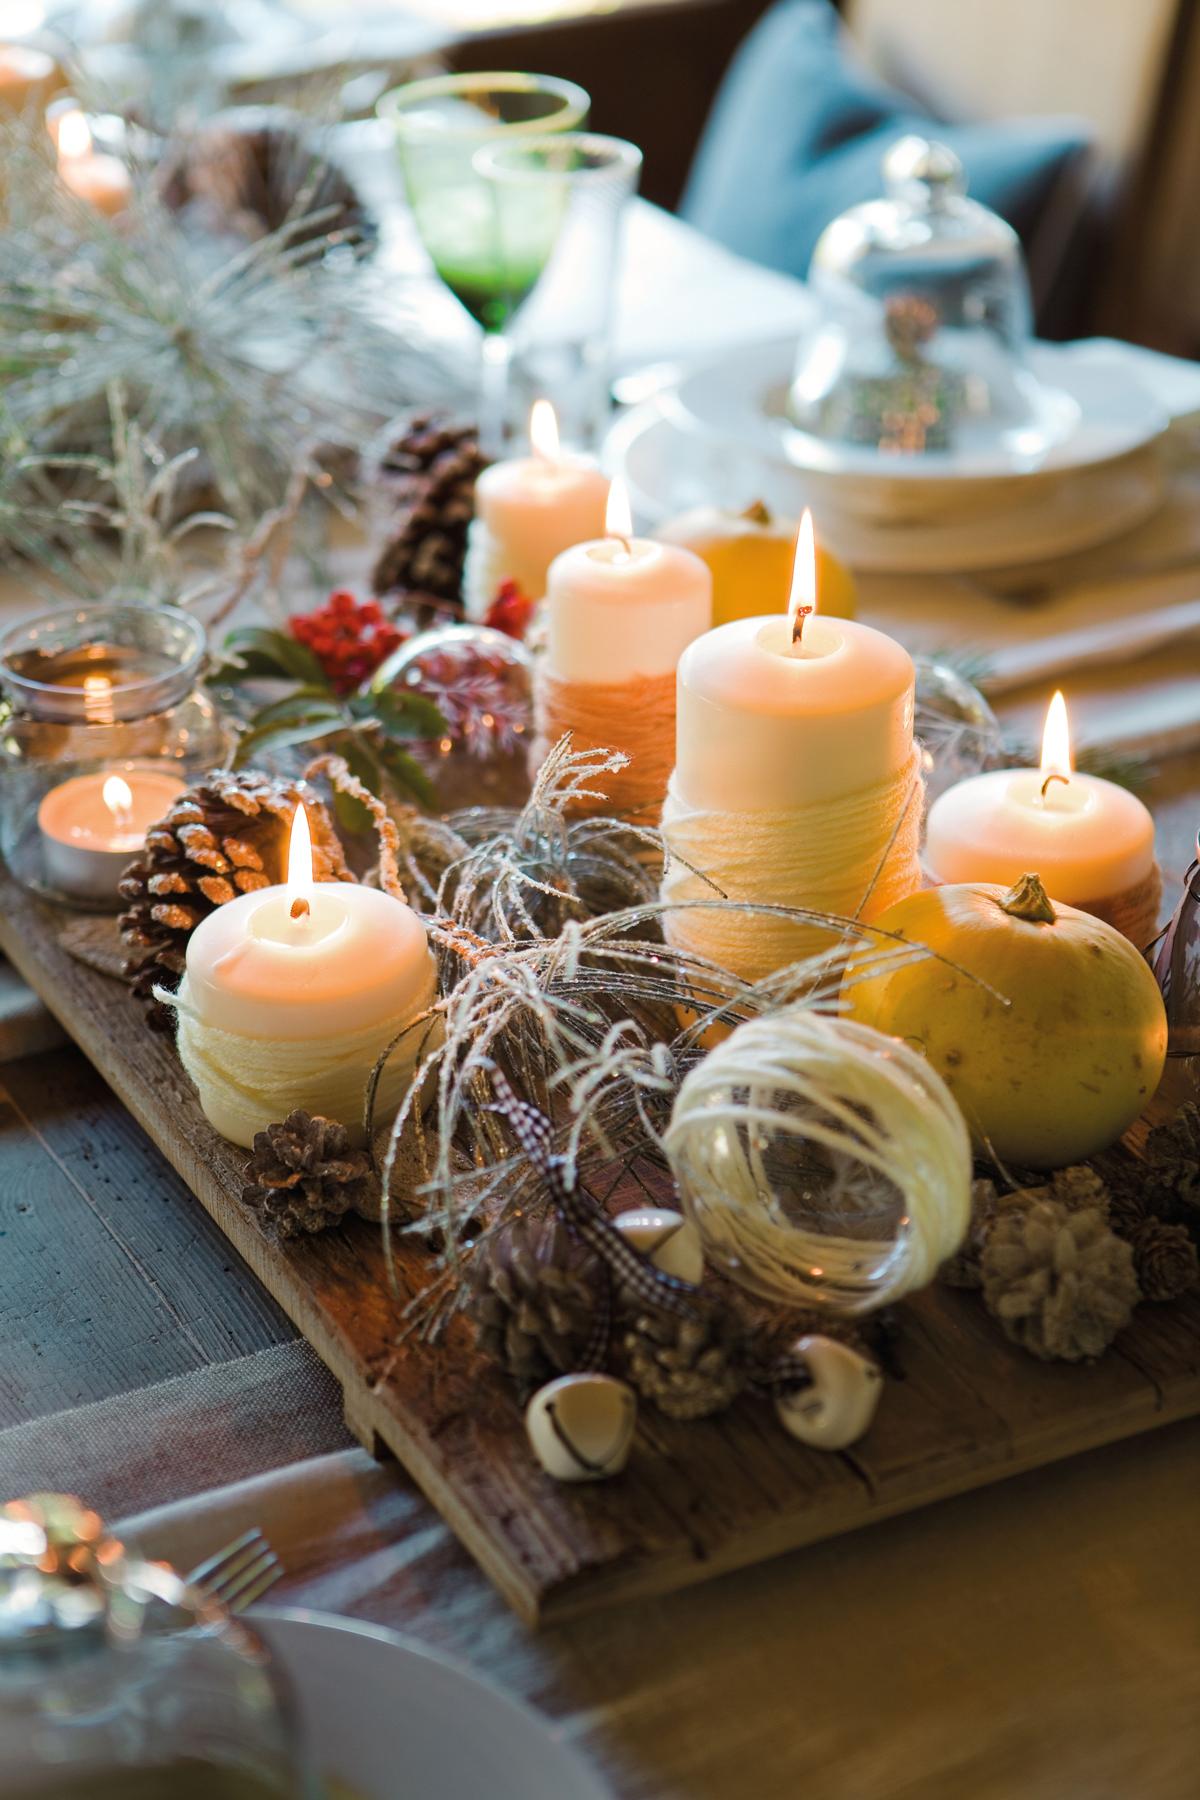 00354104. Centro de Navidad con madera, piñas y velas (354104)